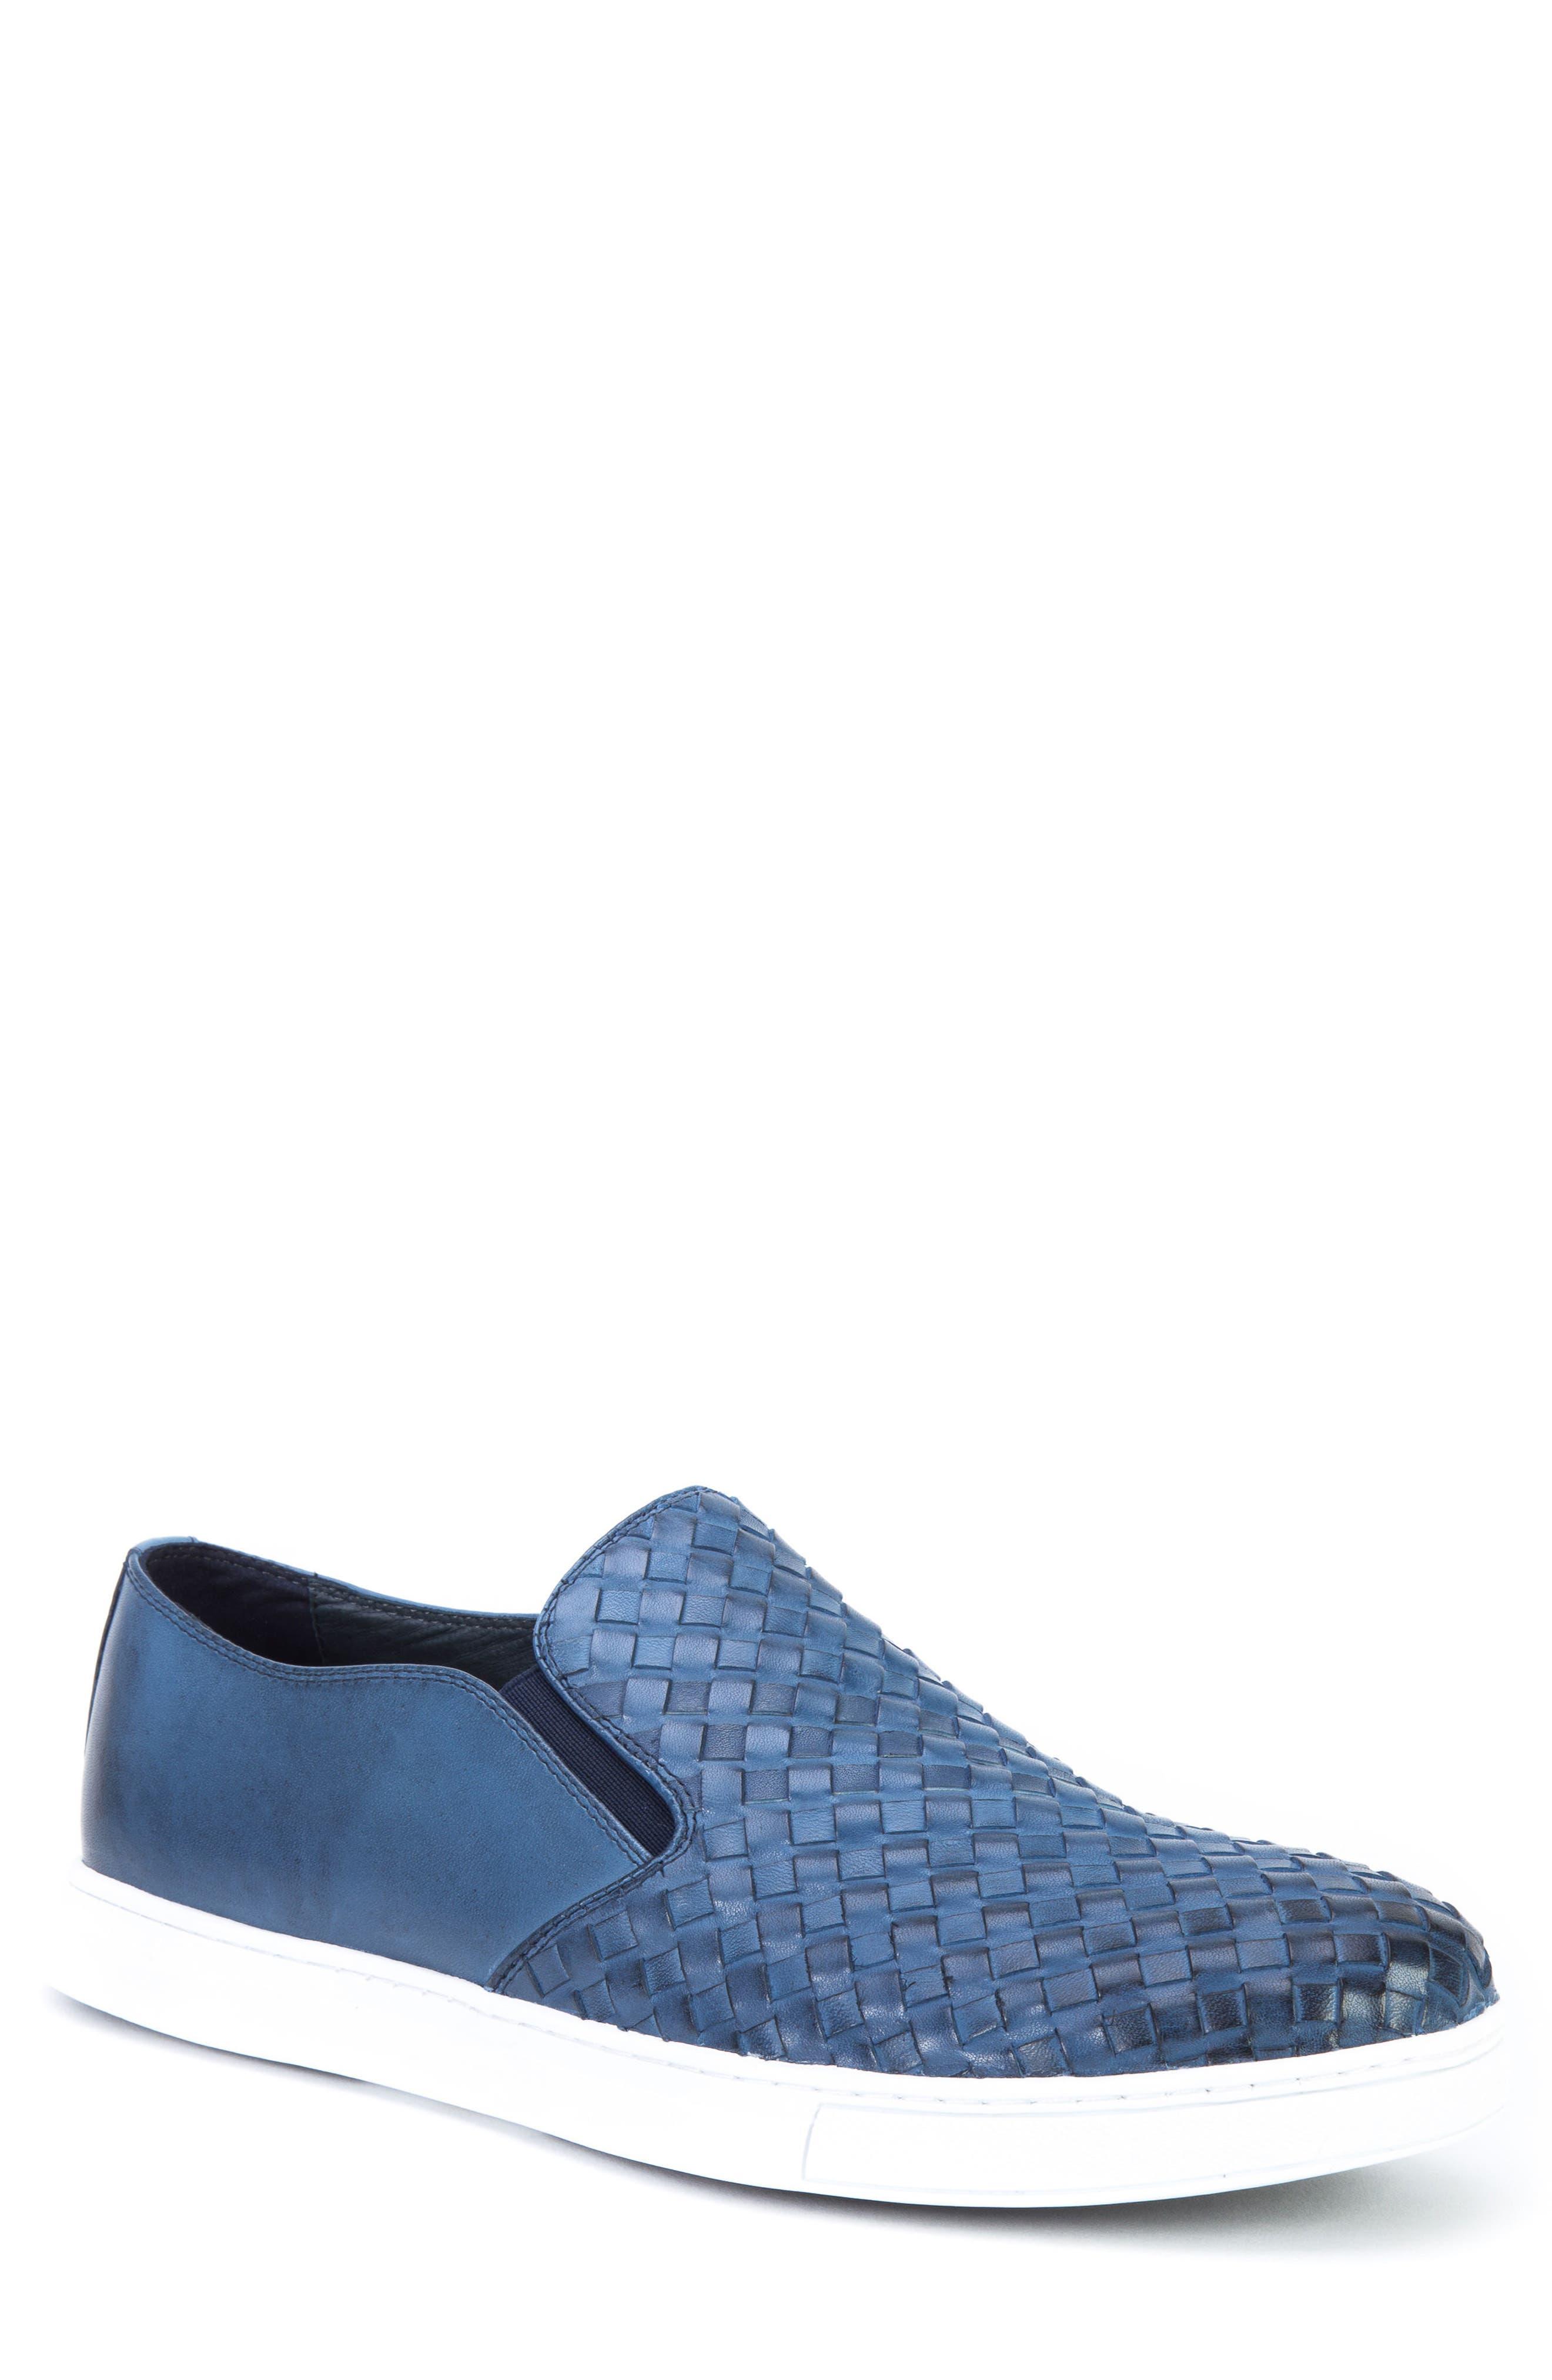 ZANZARA Echo Slip-On Sneaker